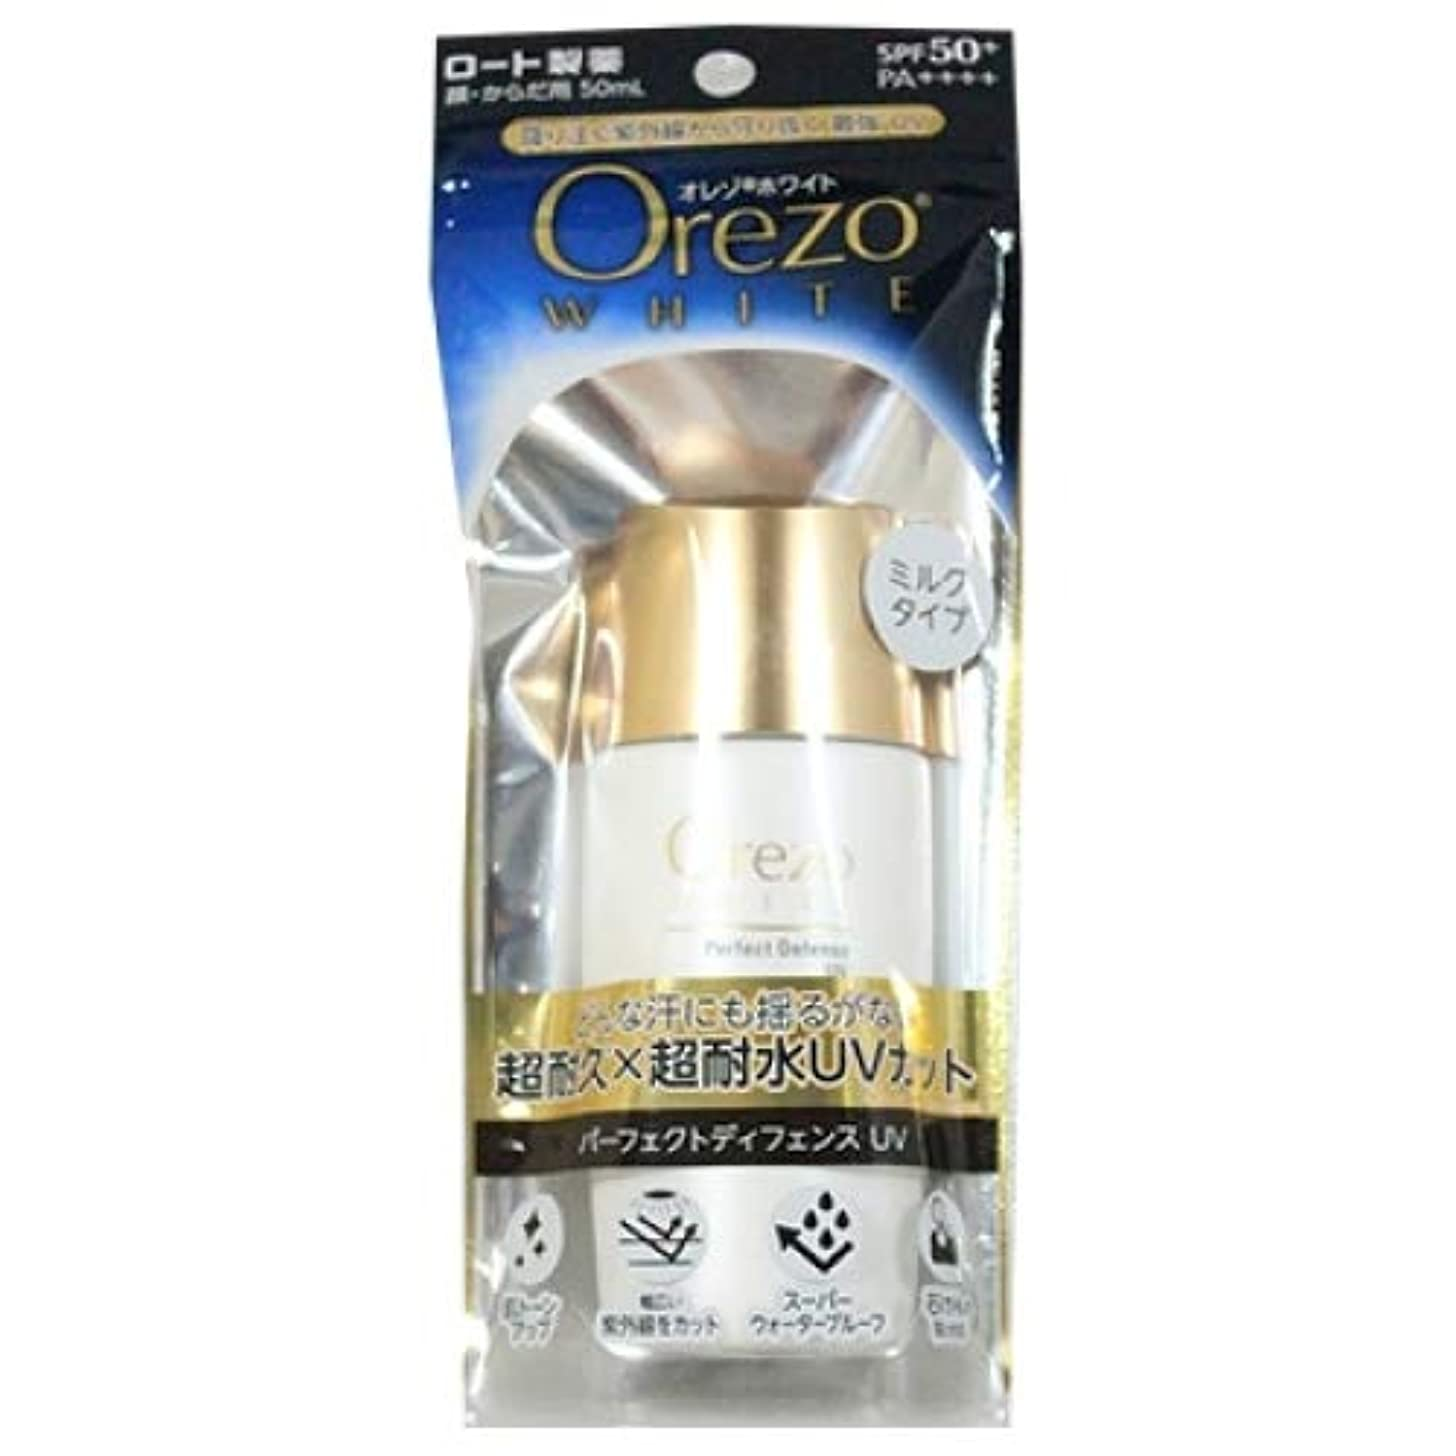 はげ配当拡大するロート製薬 Orezo オレゾ ホワイト パーフェクトディフェンスUVa SPF50+ PA++++ (50mL)